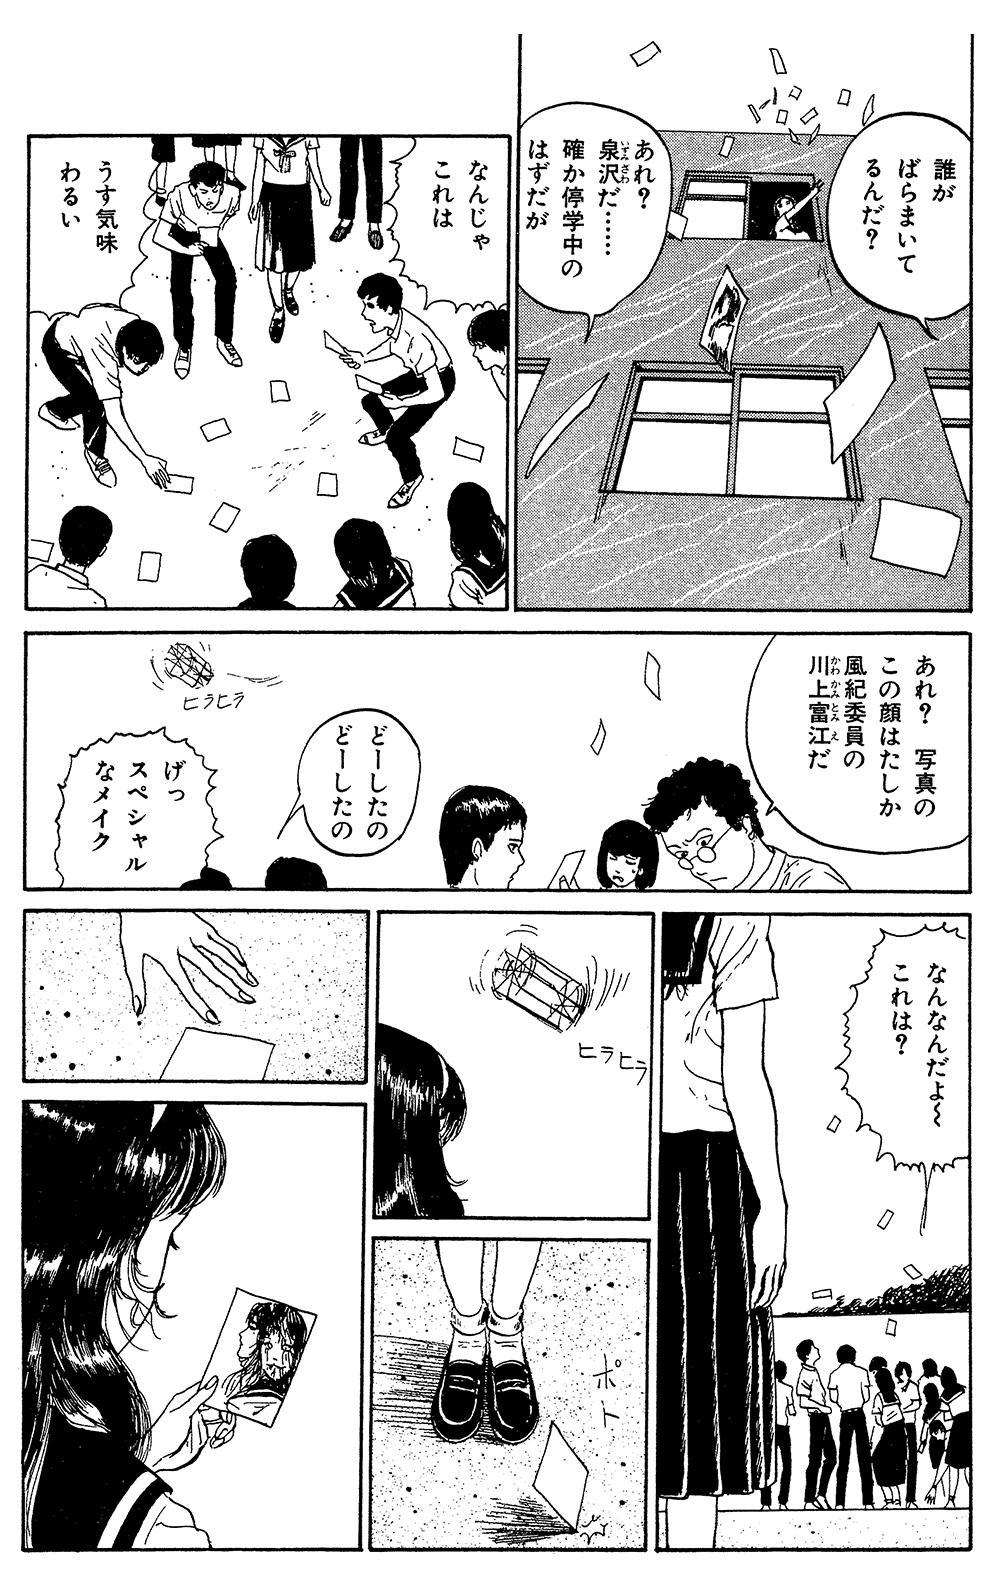 伊藤潤二傑作集 第4話「富江 写真」③junji12-05.jpg